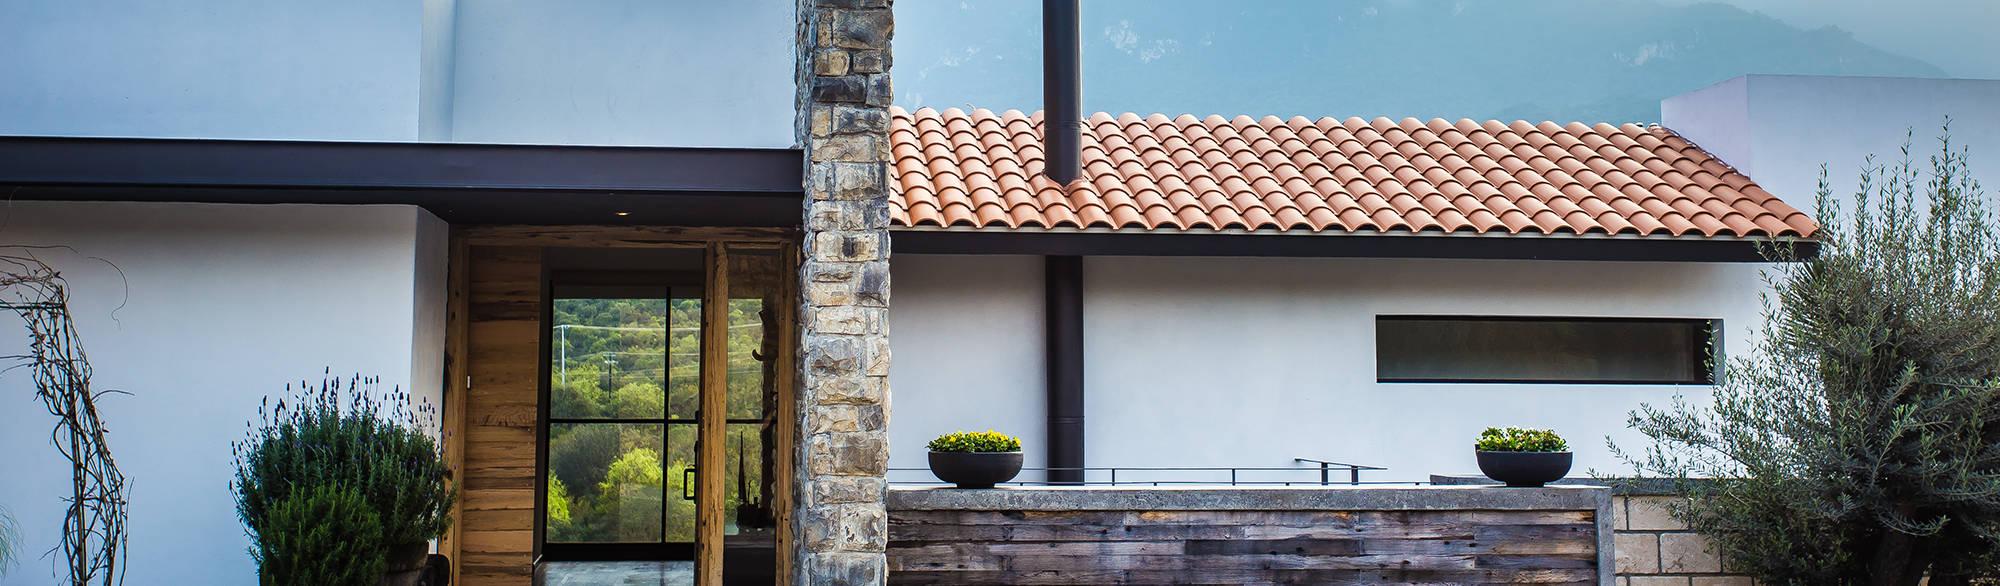 ICAZBALCETA Arquitectura y Diseño